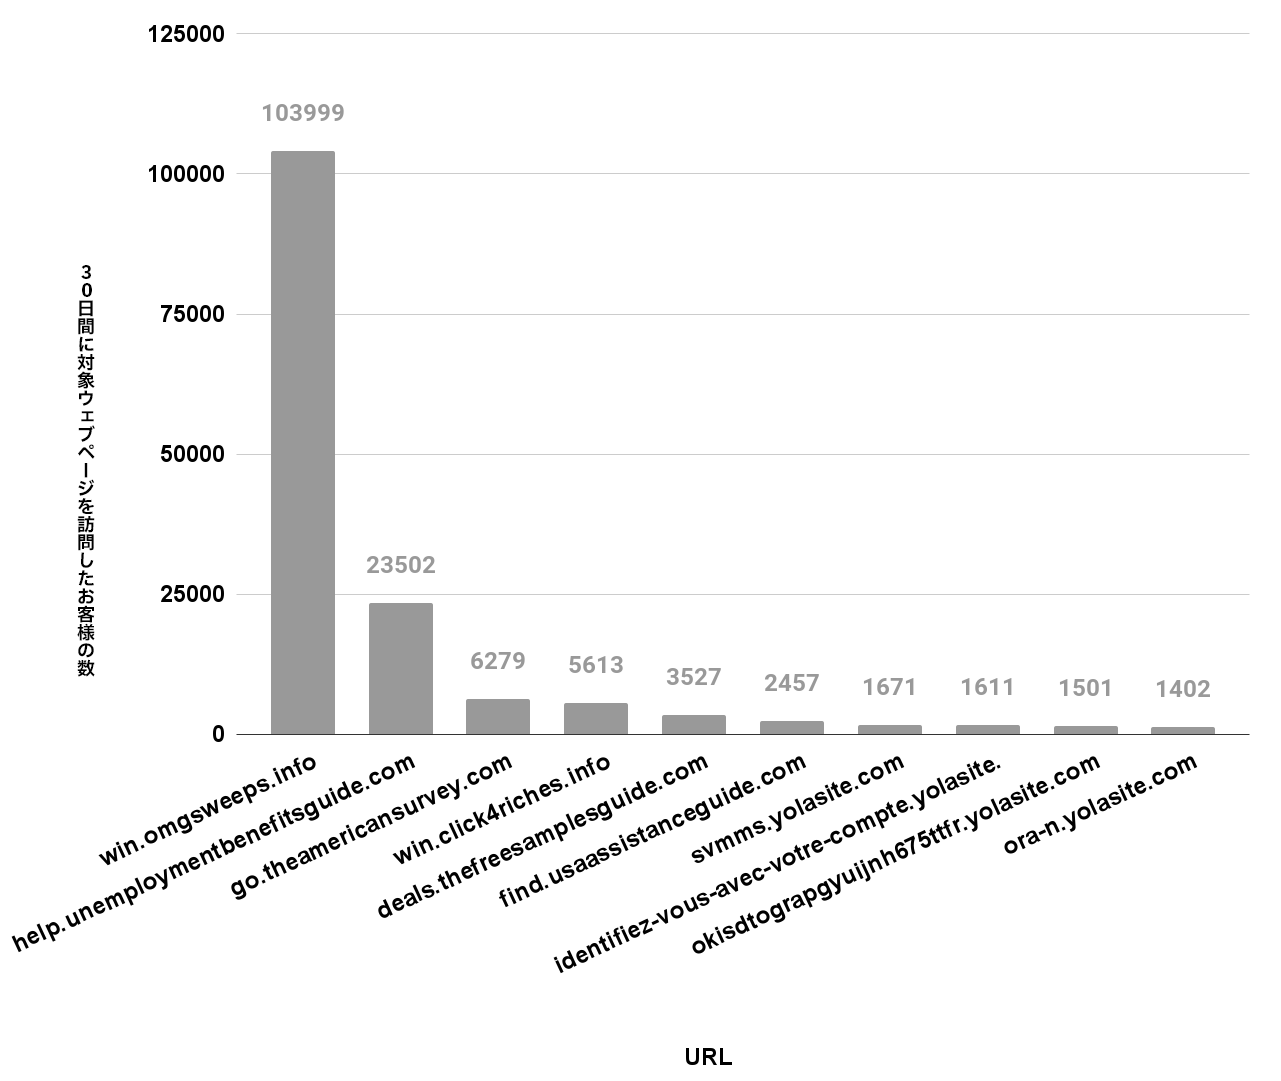 下のグラフは30日間の悪意のあるwebページへのお客様による訪問数を表している